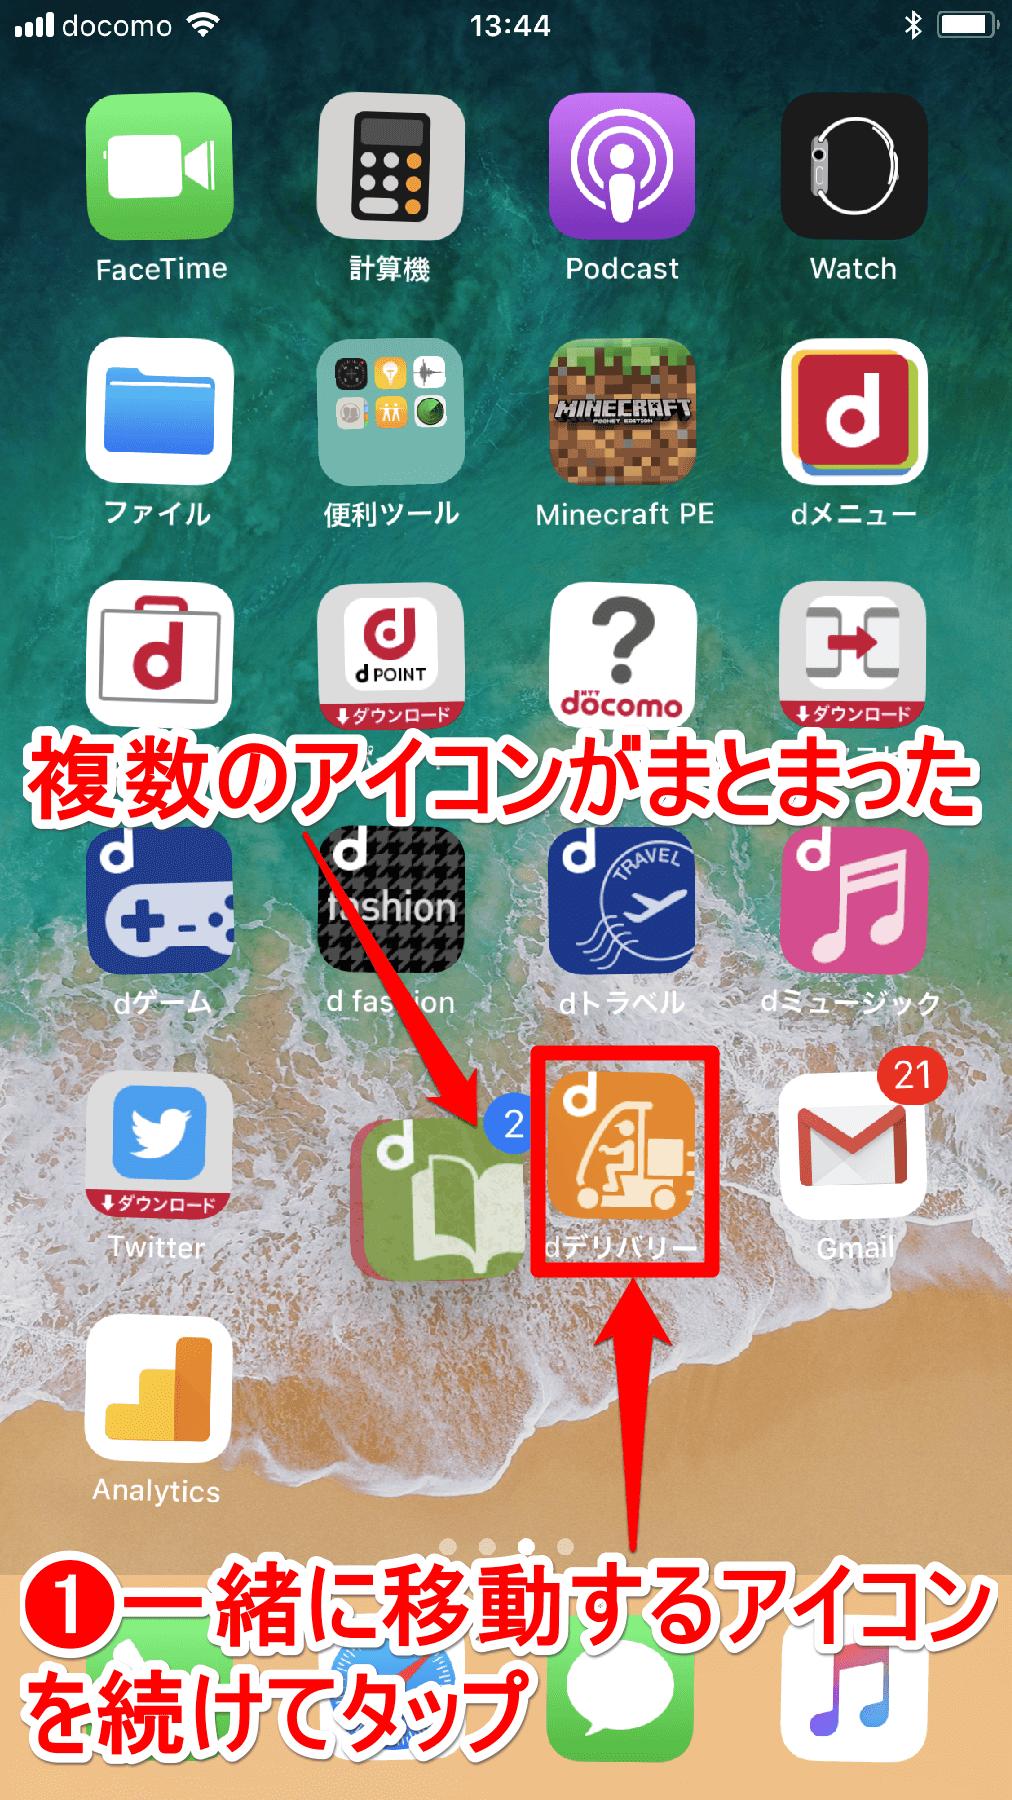 iPhone(アイフォン、アイフォーン)のホーム画面で複数のアイコンがまとまった画面